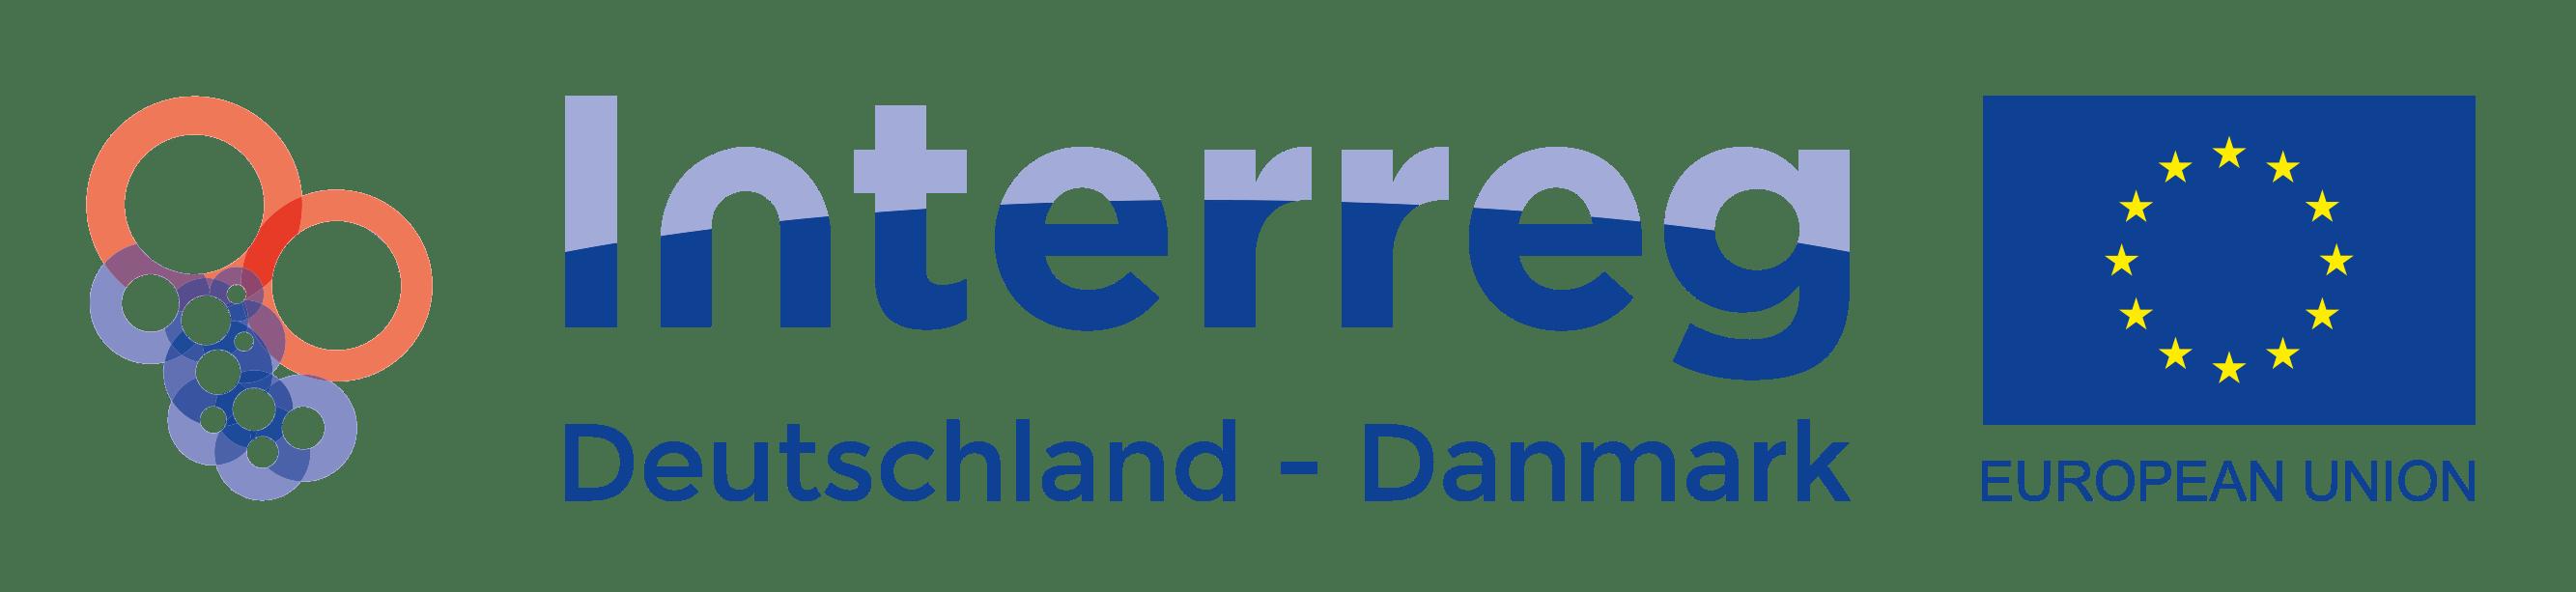 Interreg 5a –Hauptmenü